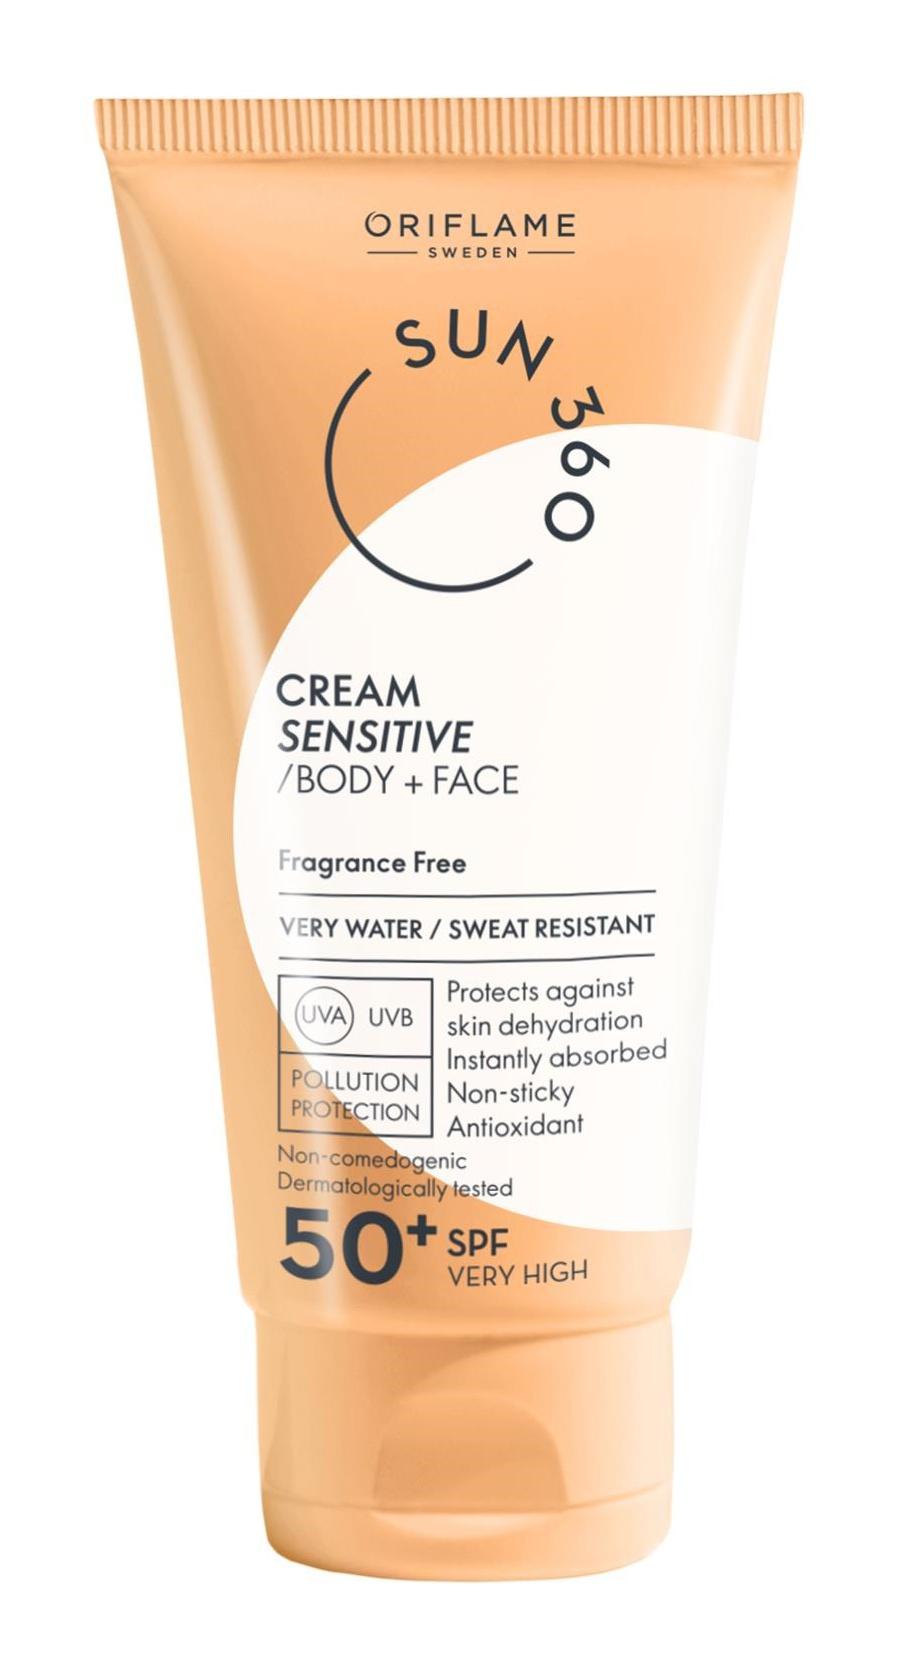 Oriflame Cream Sensitive Body + Face Spf 50+ Very High